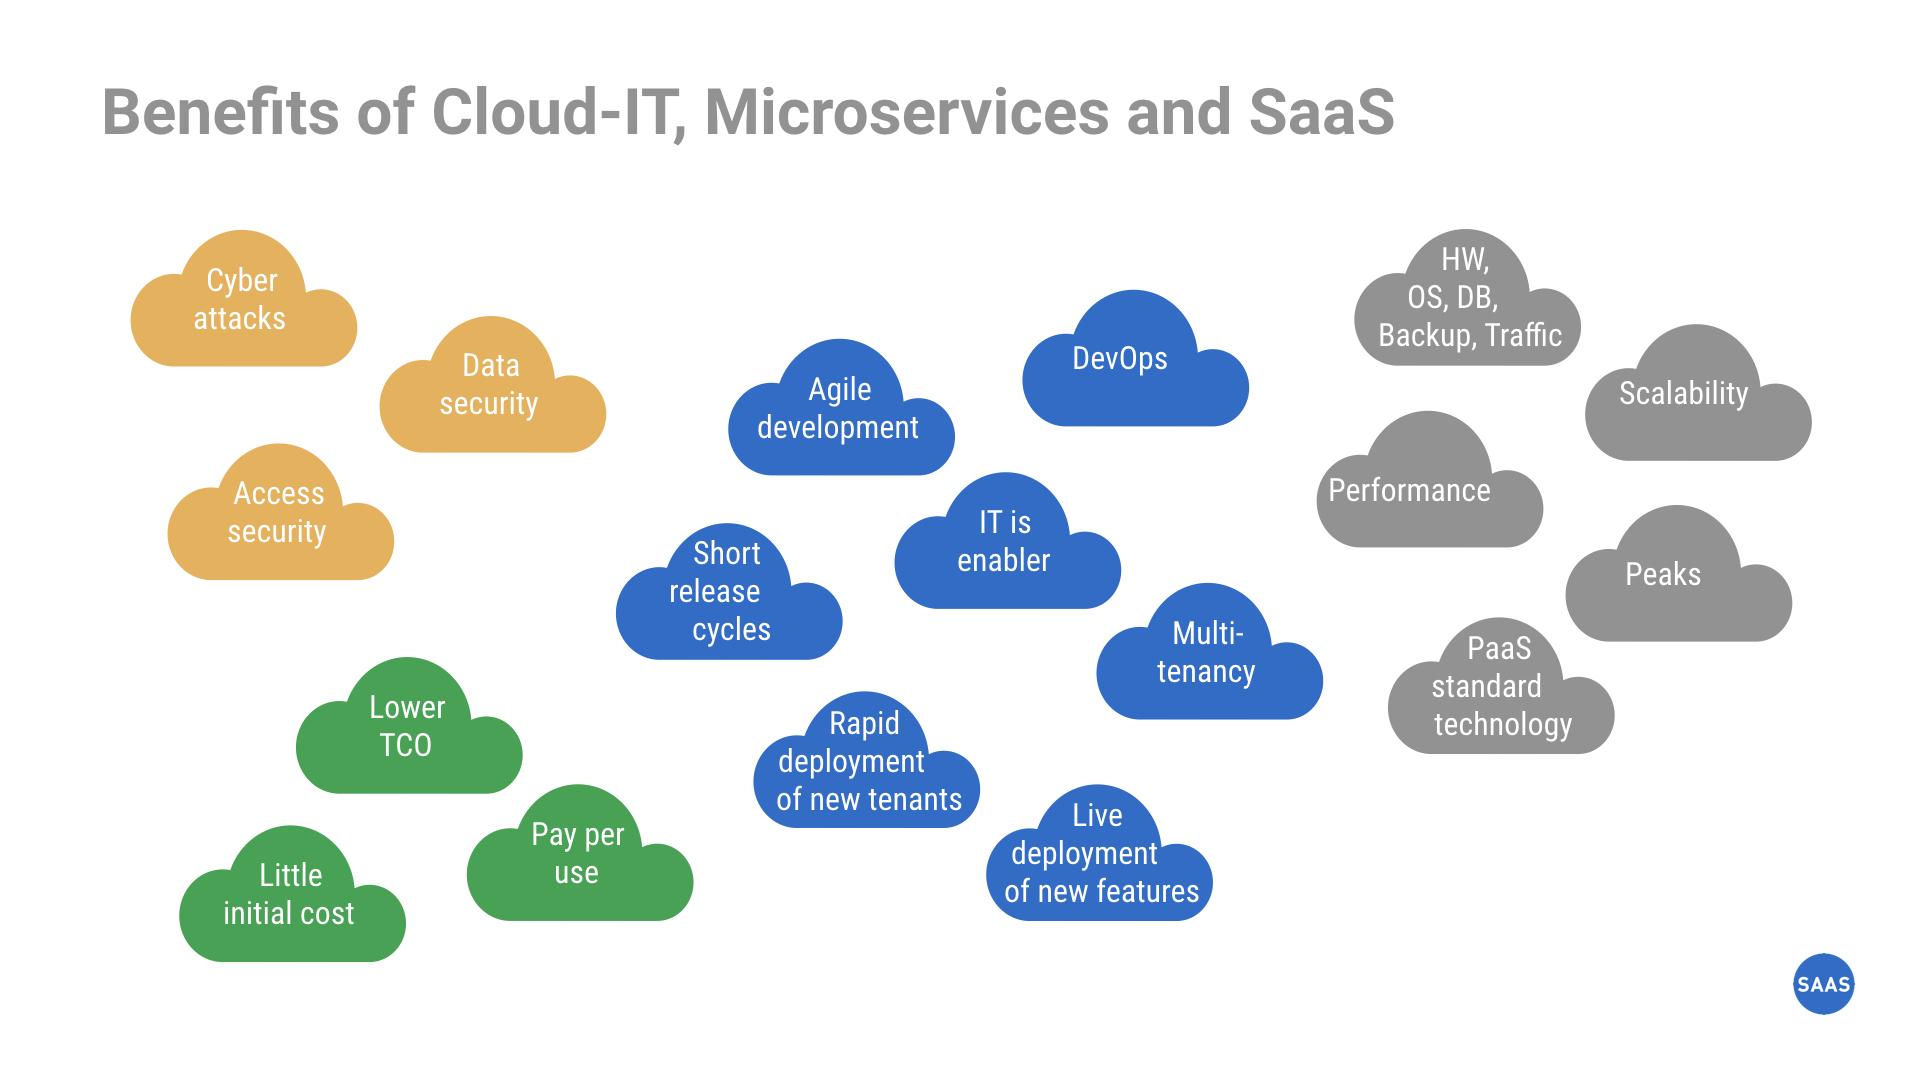 Vorteile von Cloud-IT, Microservices und SaaS